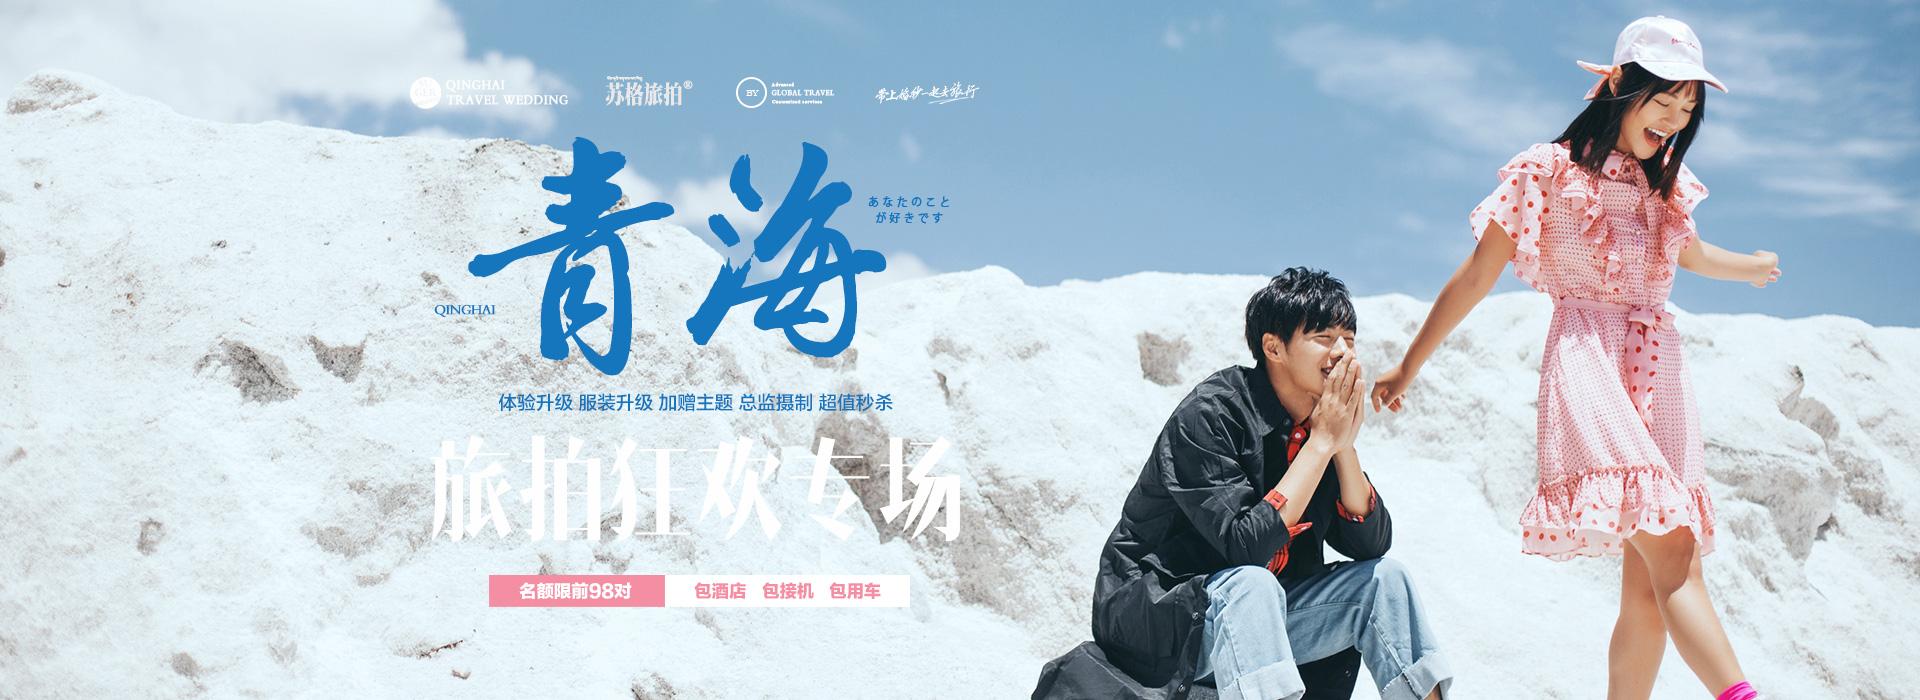 页头广告-全球旅拍-韩式新娘